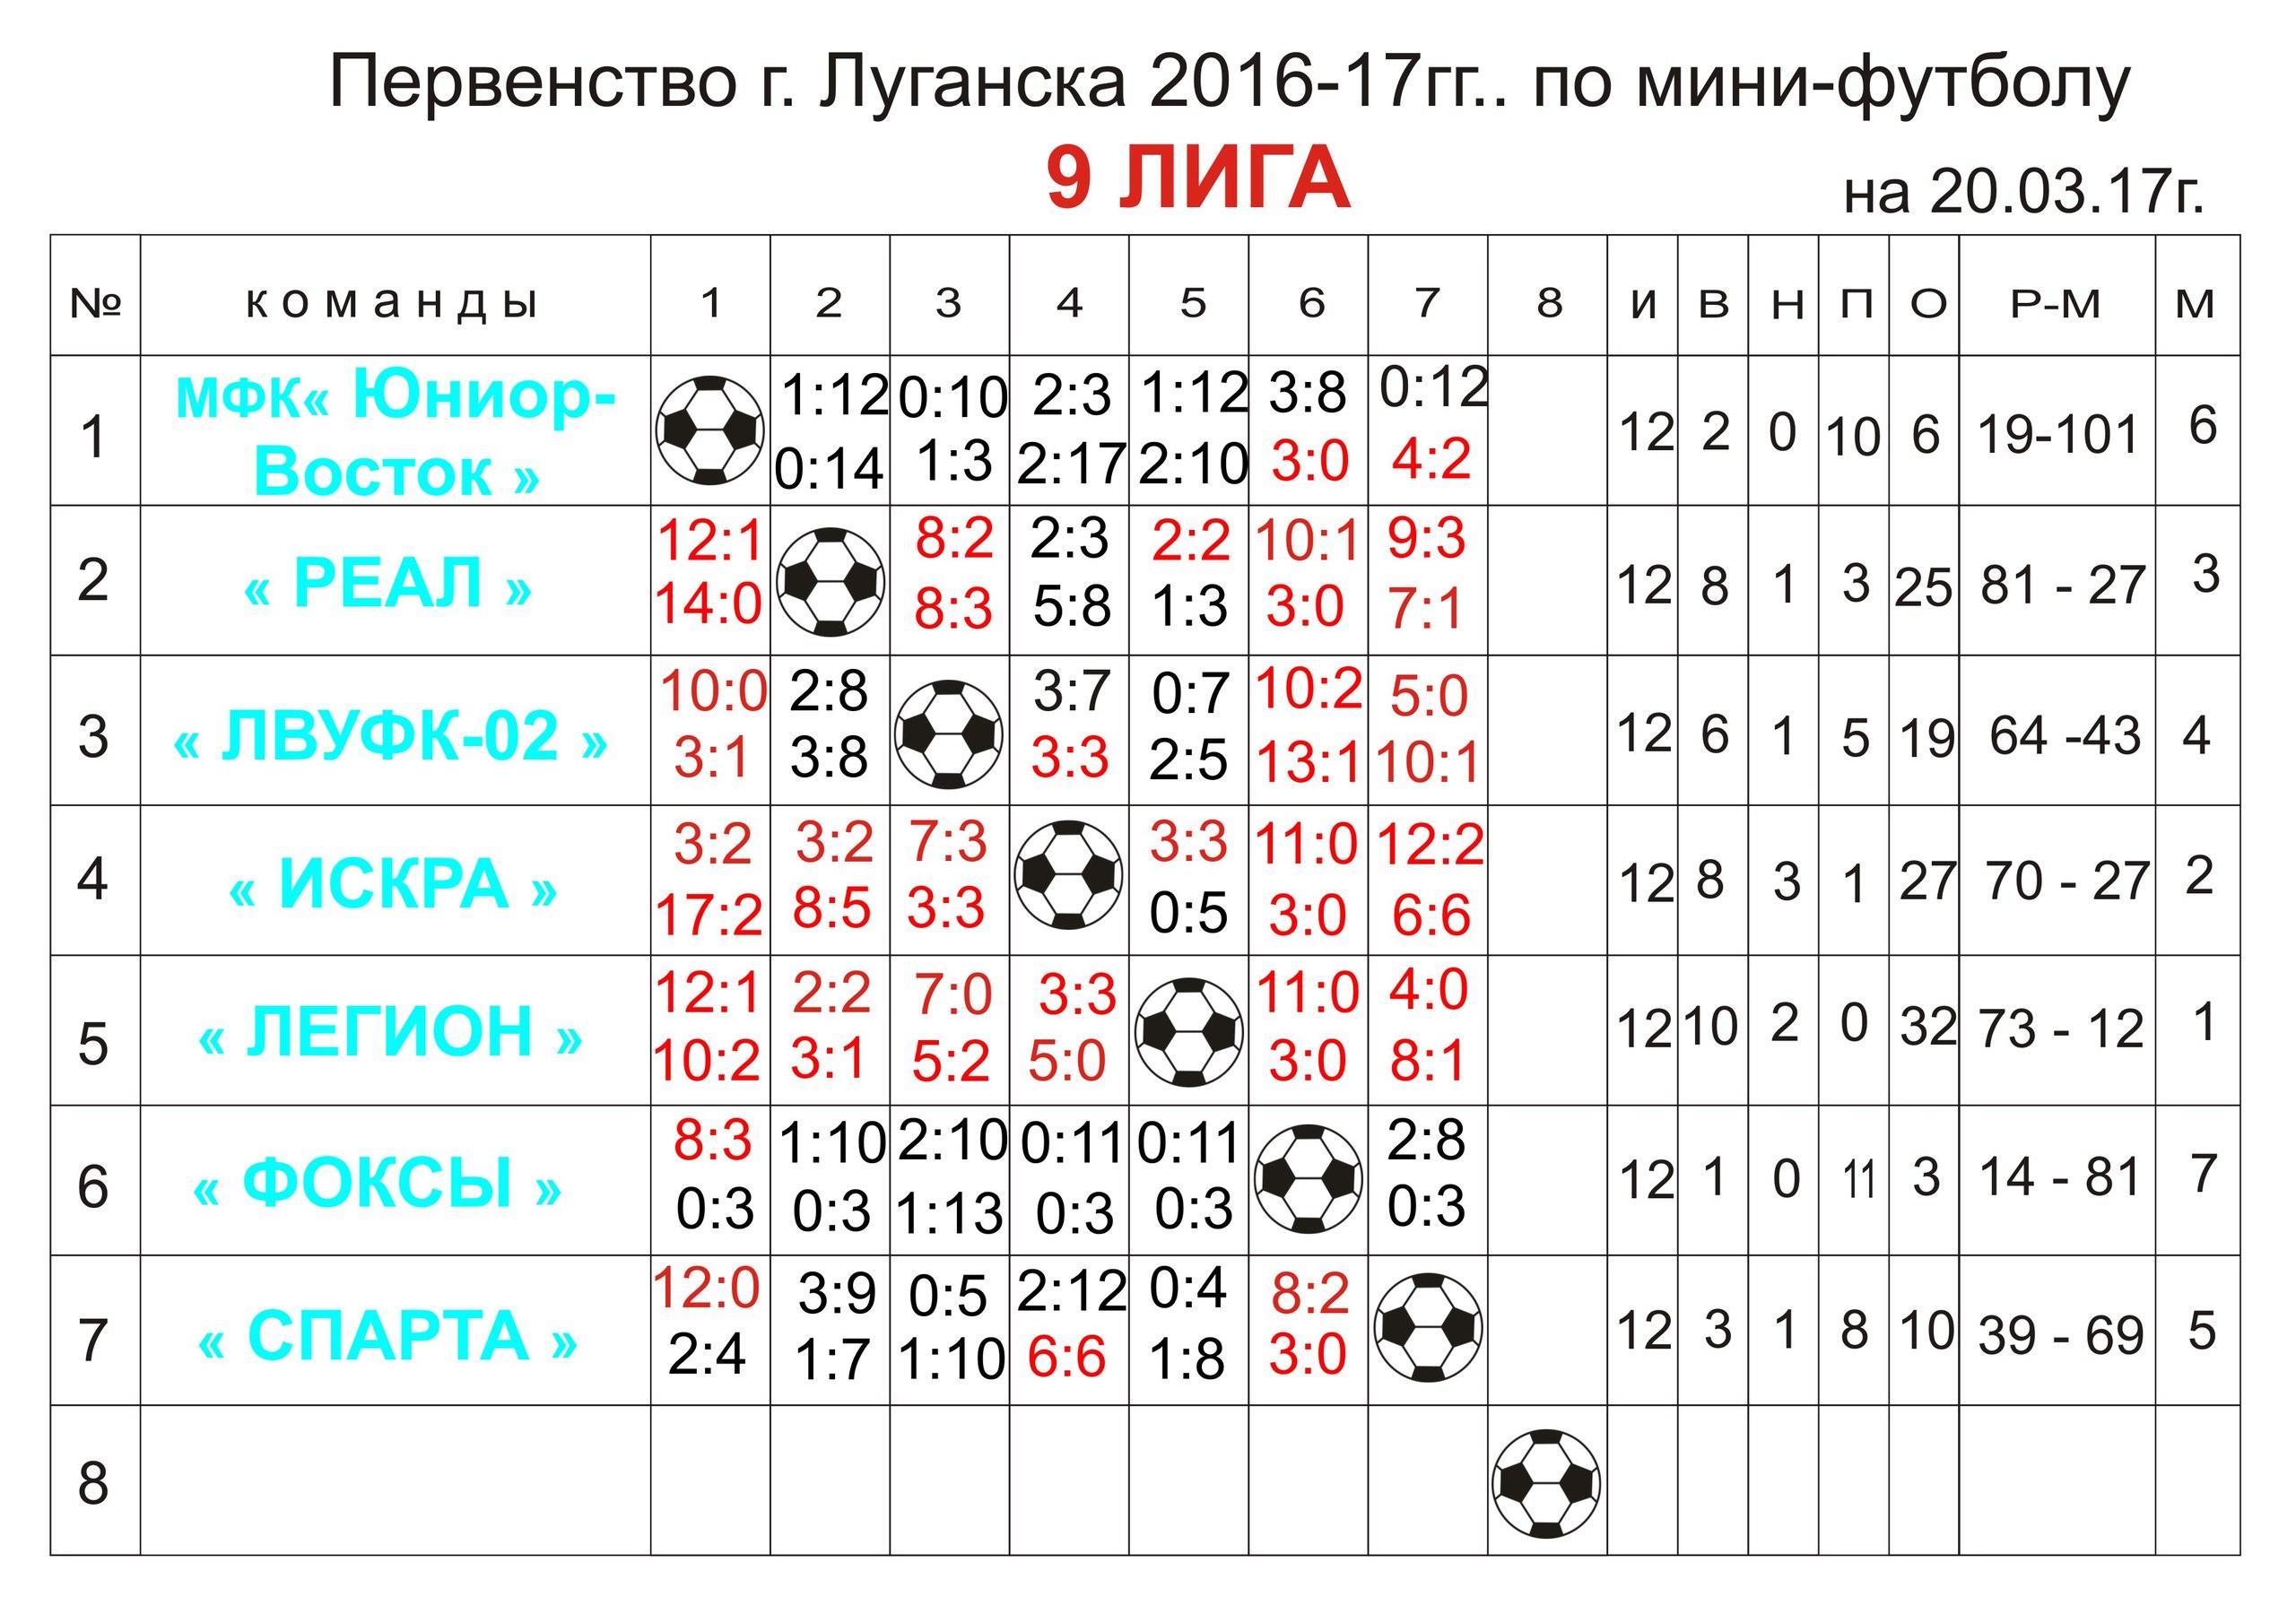 Первенство г.Луганска Девятая лига